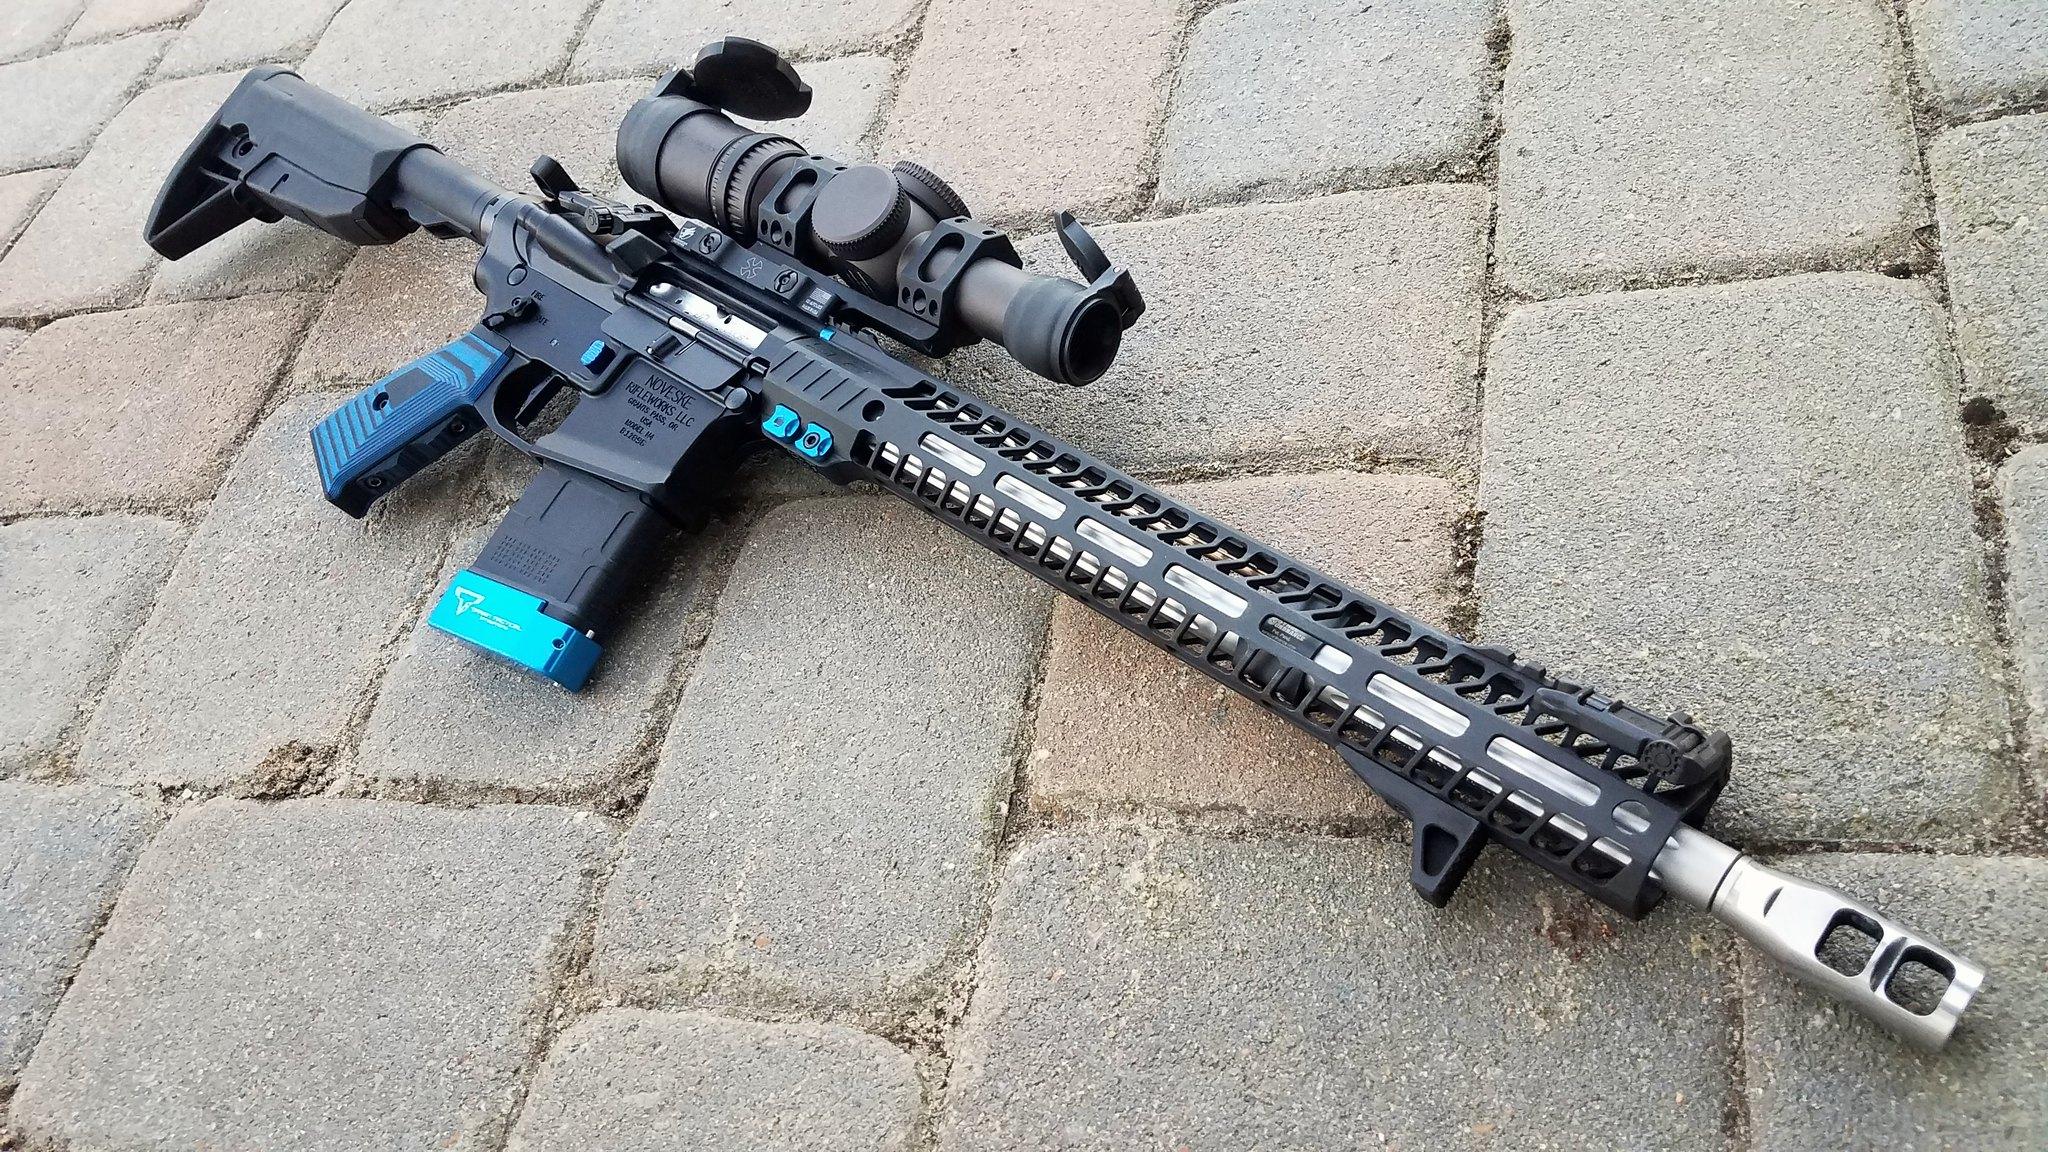 Best Muzzle Brake for semi-auto precision rifle? - AR15 COM